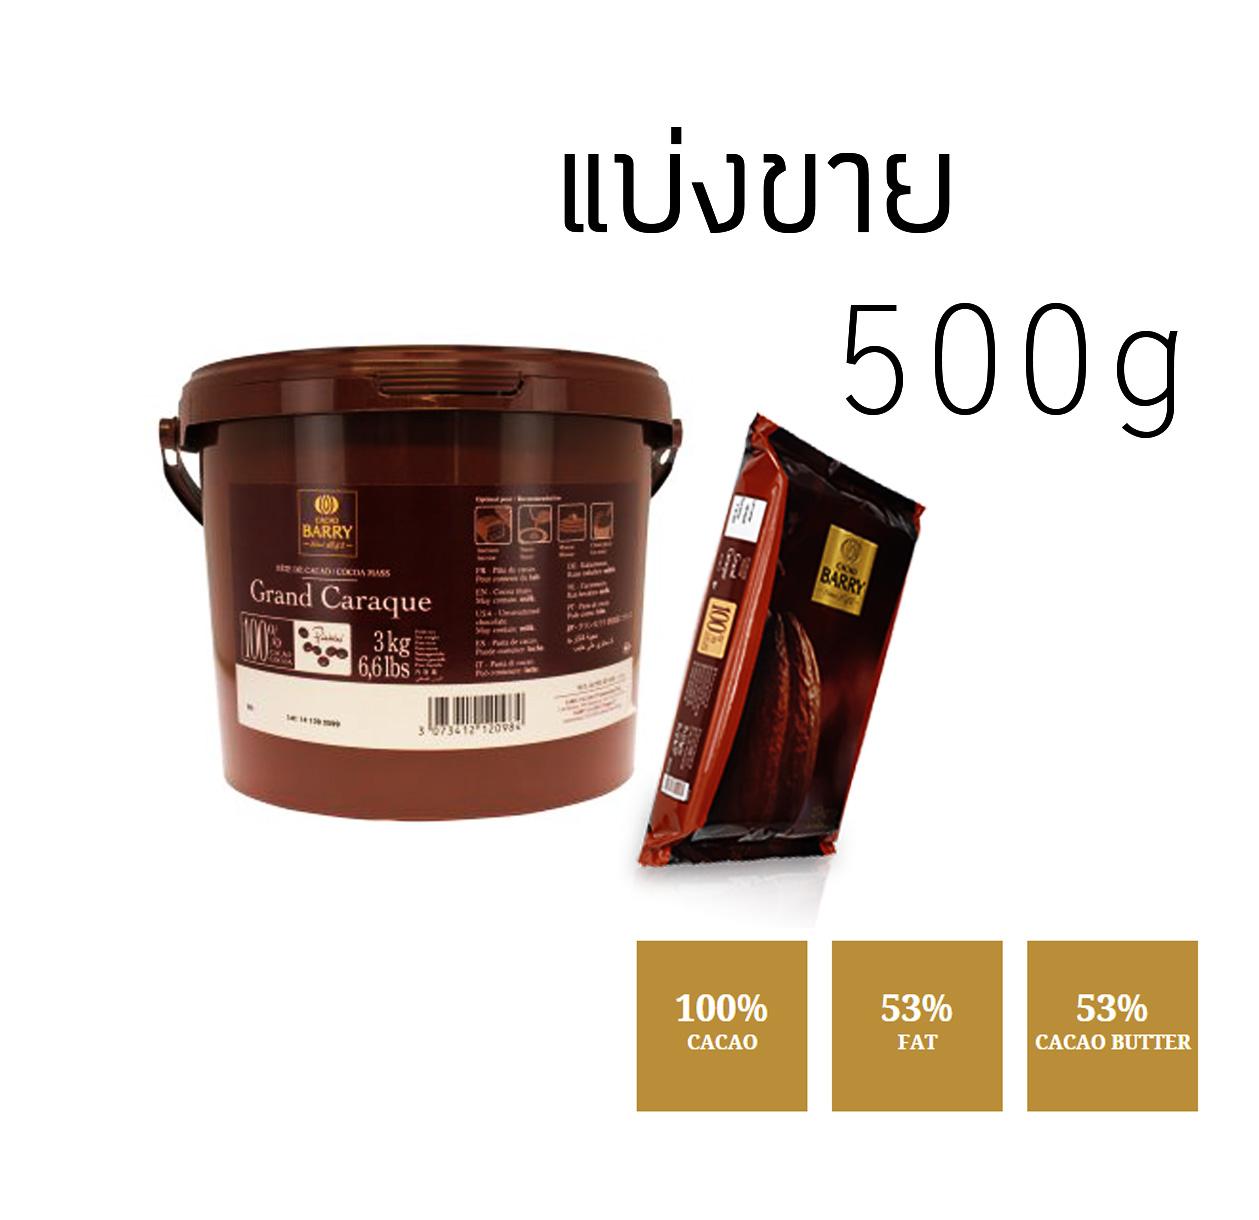 Cacao Barry Grand Caraque 100% (Coco paste) แบ่งขาย 500 g